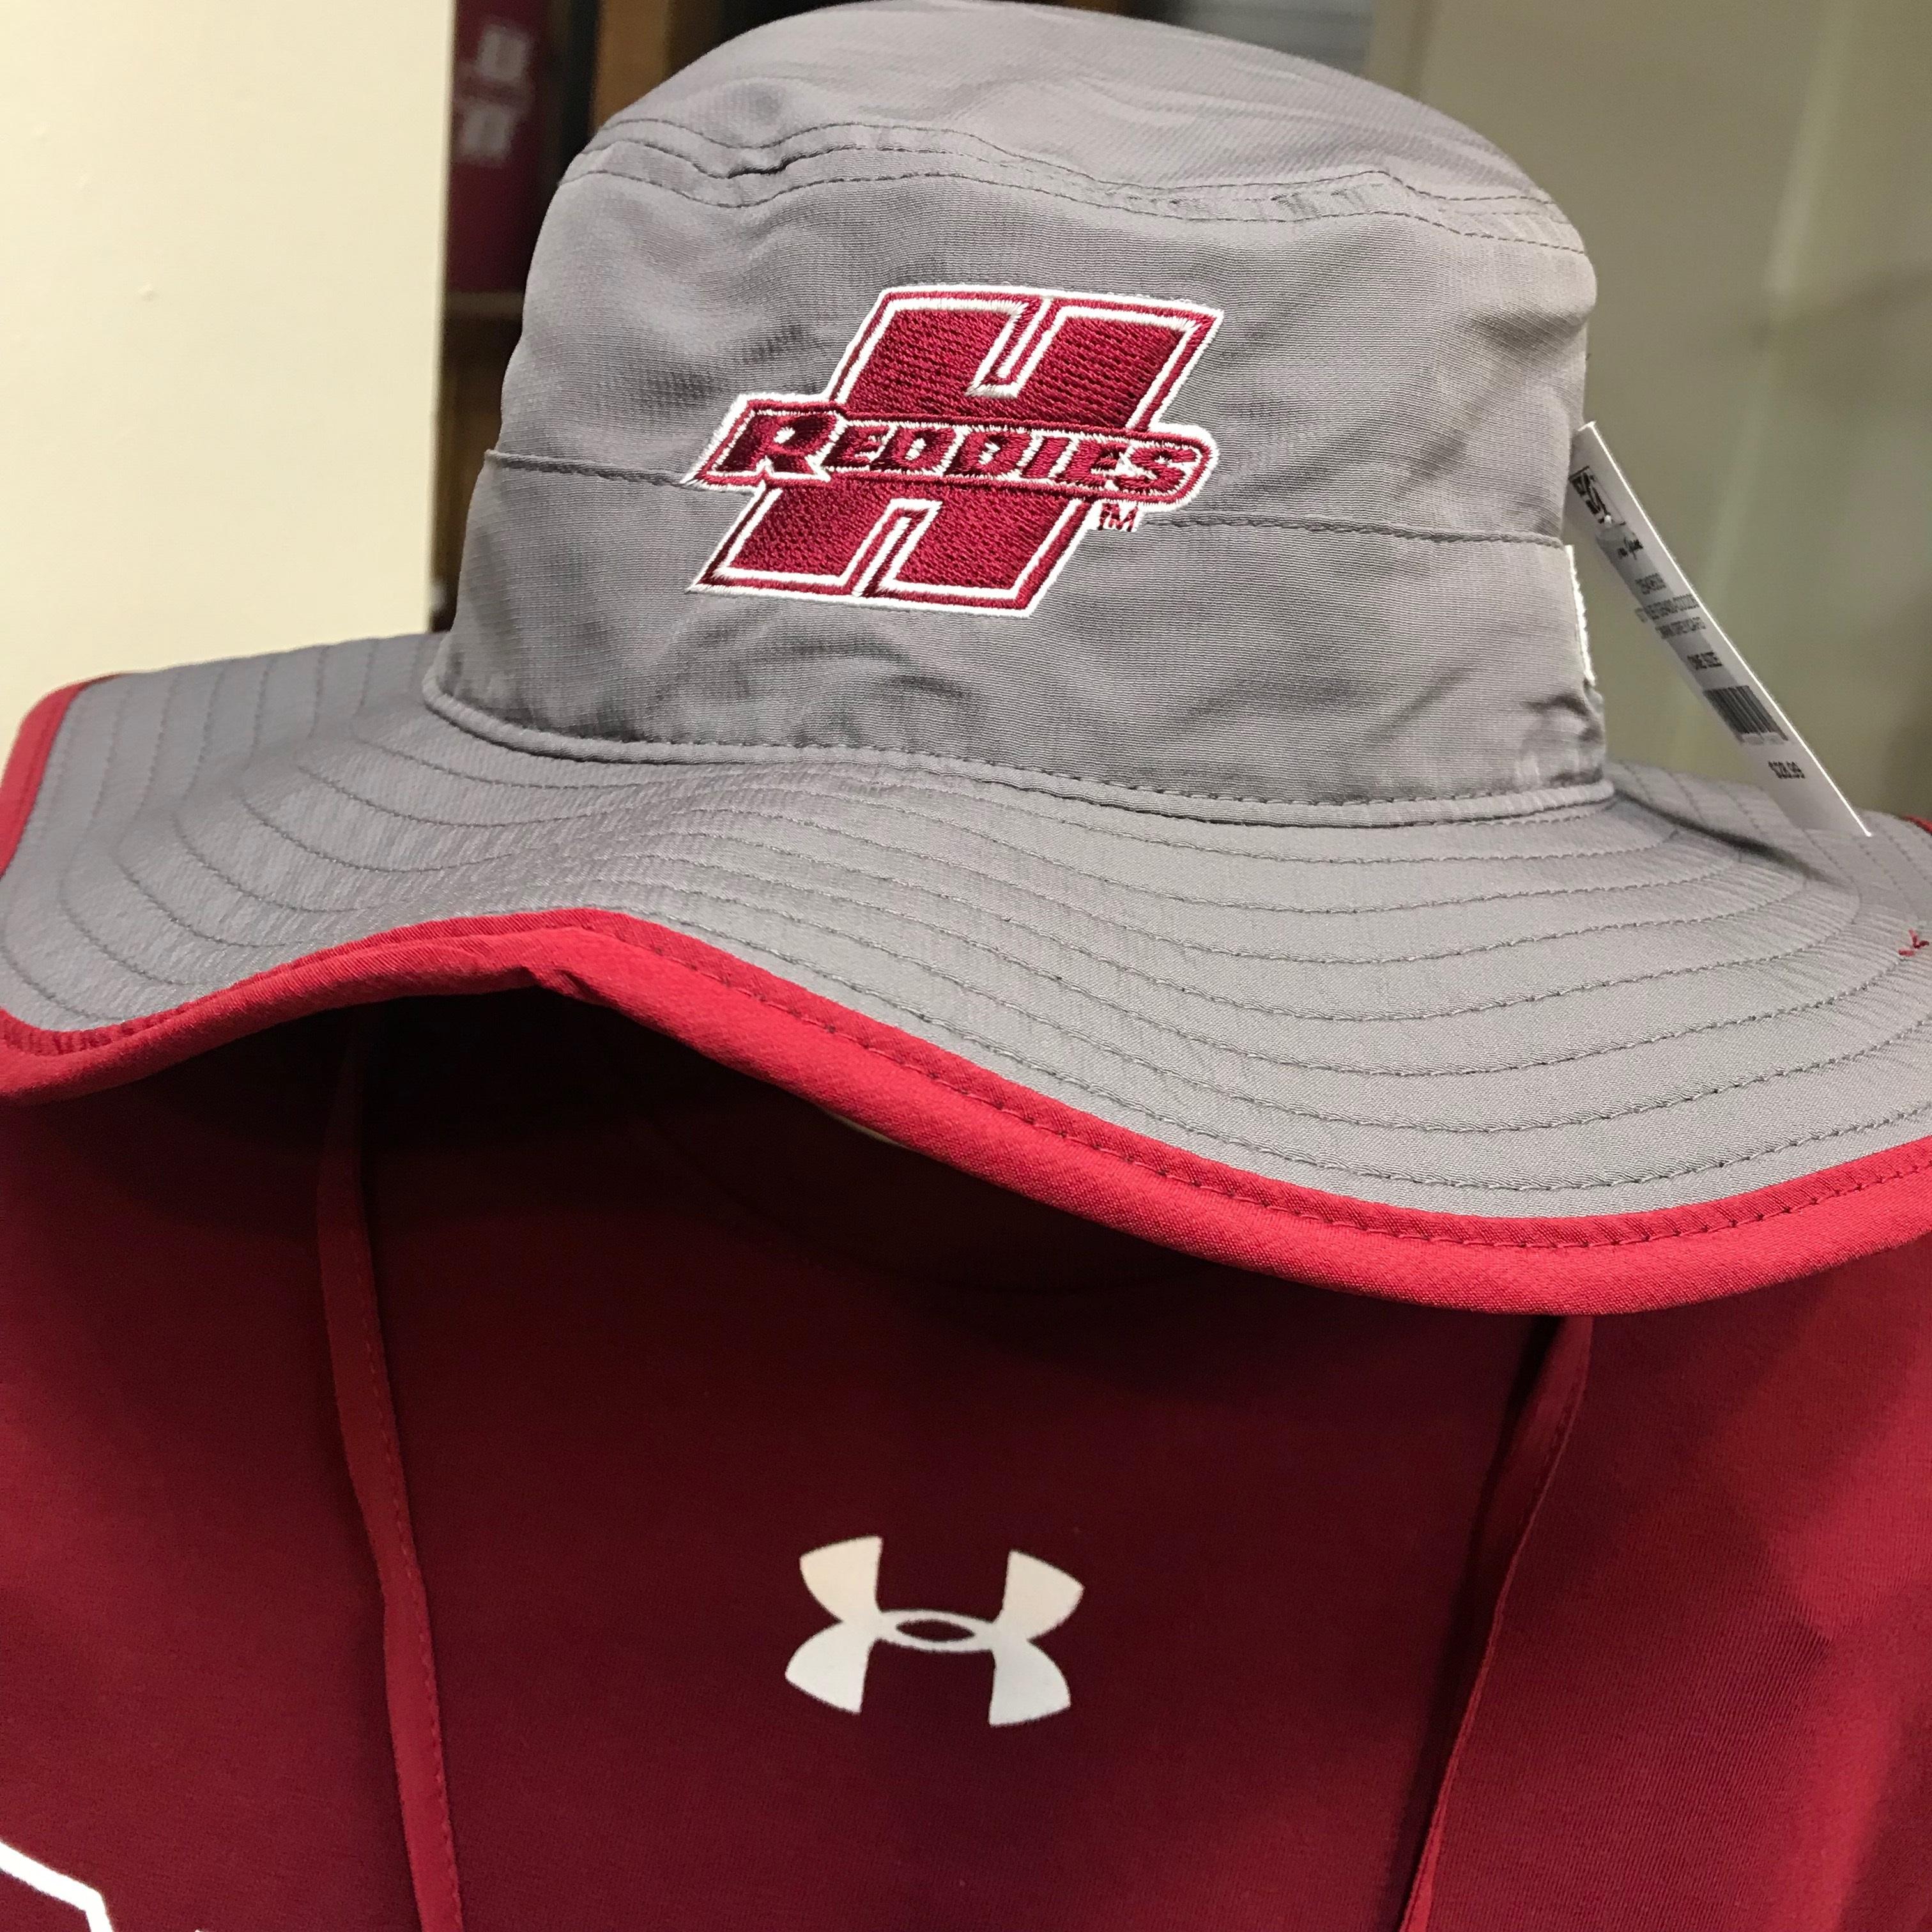 HREDDIES BUCKET HAT